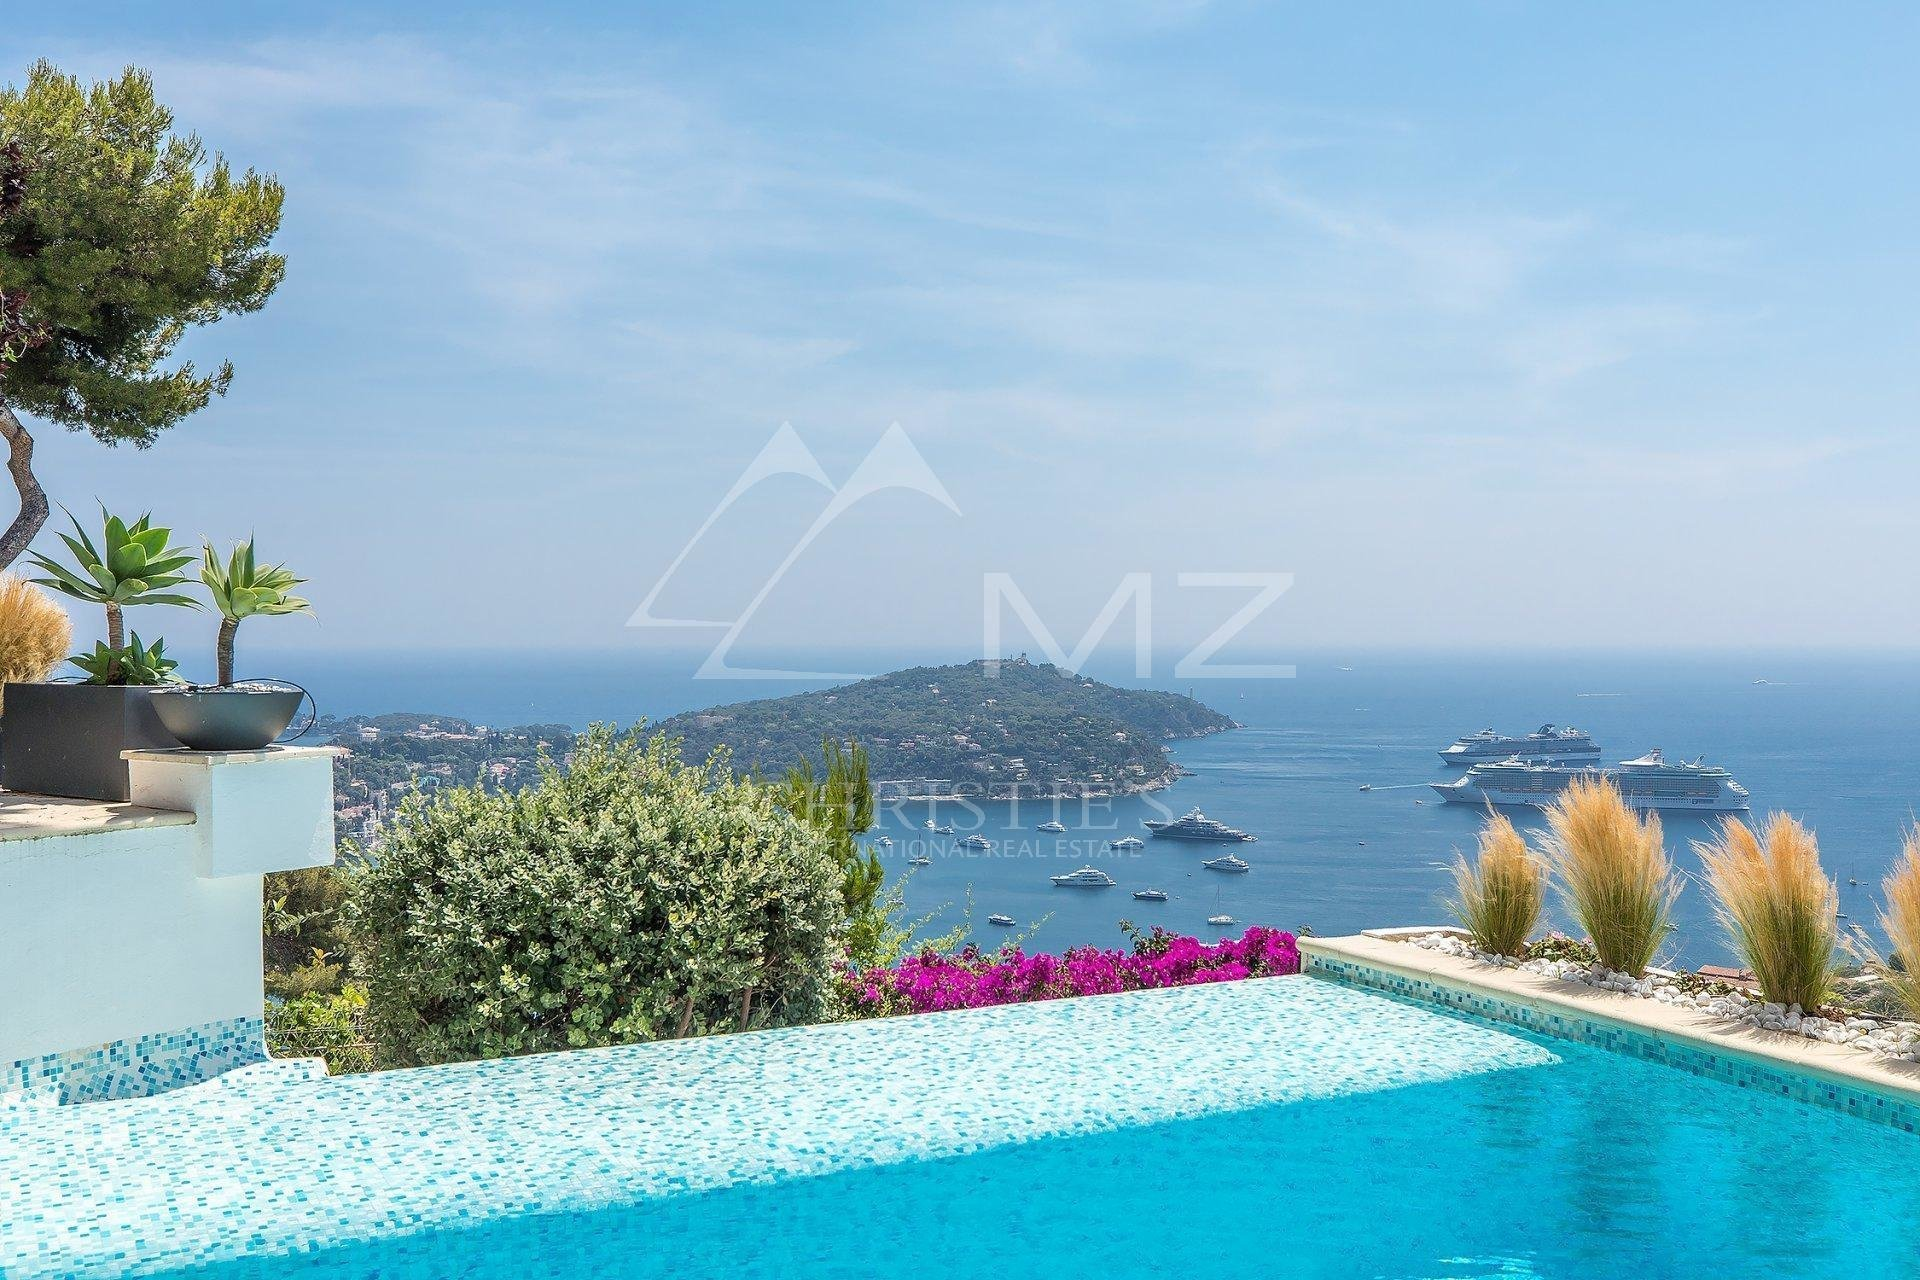 Villa in Villefranche-sur-Mer, Provence-Alpes-Côte d'Azur, France 1 - 11021275